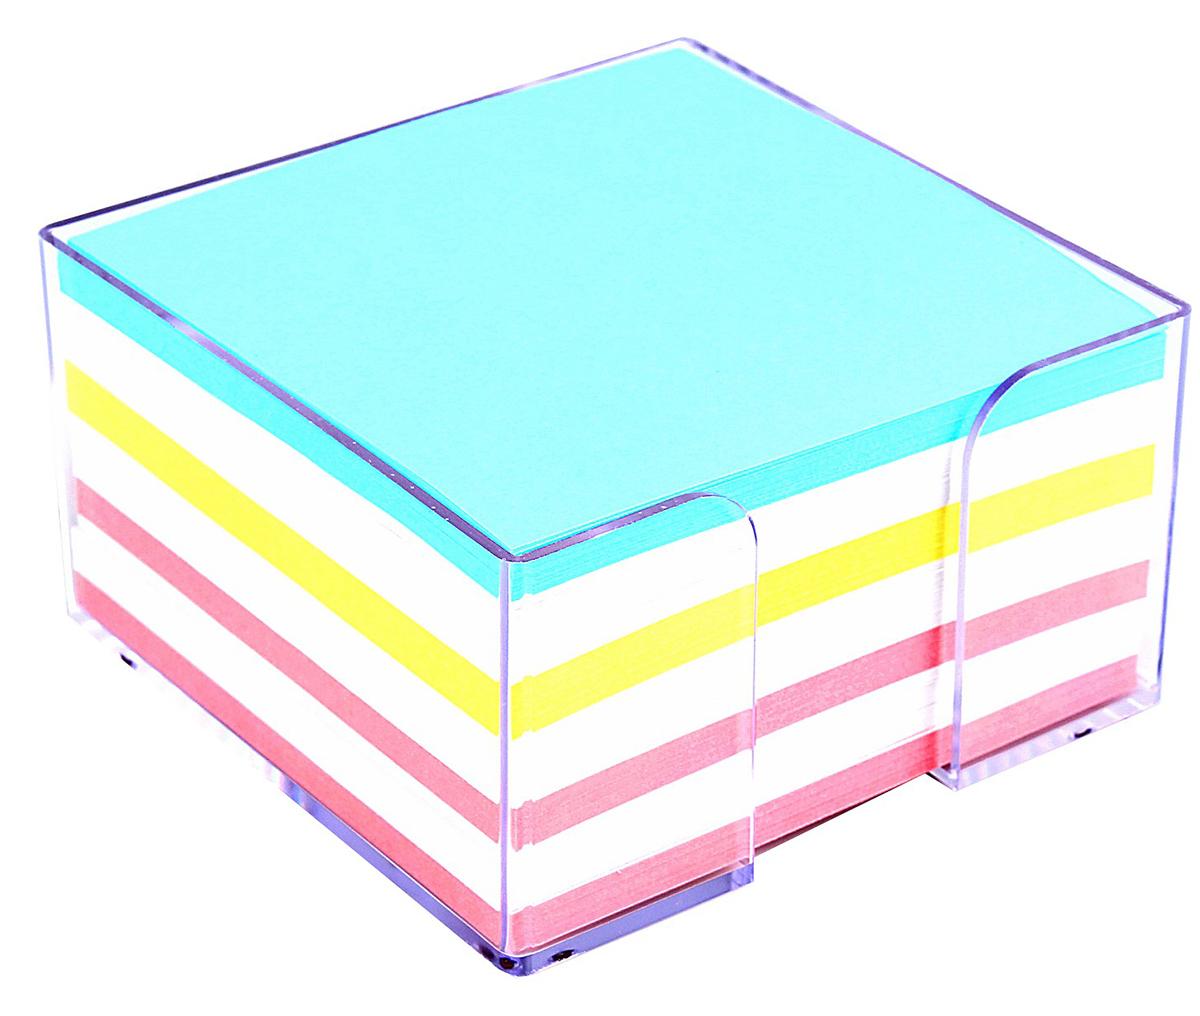 Стамм Блок для записей Эконом 9 x 9 см580822Невозможно представить нашу жизнь без праздников! Мы всегда ждем их и предвкушаем, обдумываем, как проведем памятный день, тщательно выбираем подарки и аксессуары, ведь именно они создают и поддерживают торжественный настрой. Блок бумаги для записи 9х9х5см, Цветной, в пластиковом боксе Эконом — это отличный выбор, который привнесет атмосферу праздника в ваш дом!Часто появляется необходимость оставить небольшое послание коллеге, сделать пометку для родных или запомнить нужный телефон?Чтобы зафиксировать важную информацию, достаточно иметь при себе неброский, но необходимый в быту предмет — Блок бумаги для записи 9х9х5см, Цветной, в пластиковом боксе Эконом. Этот канцелярский аксессуар займет минимум места в сумке или на рабочем столе.